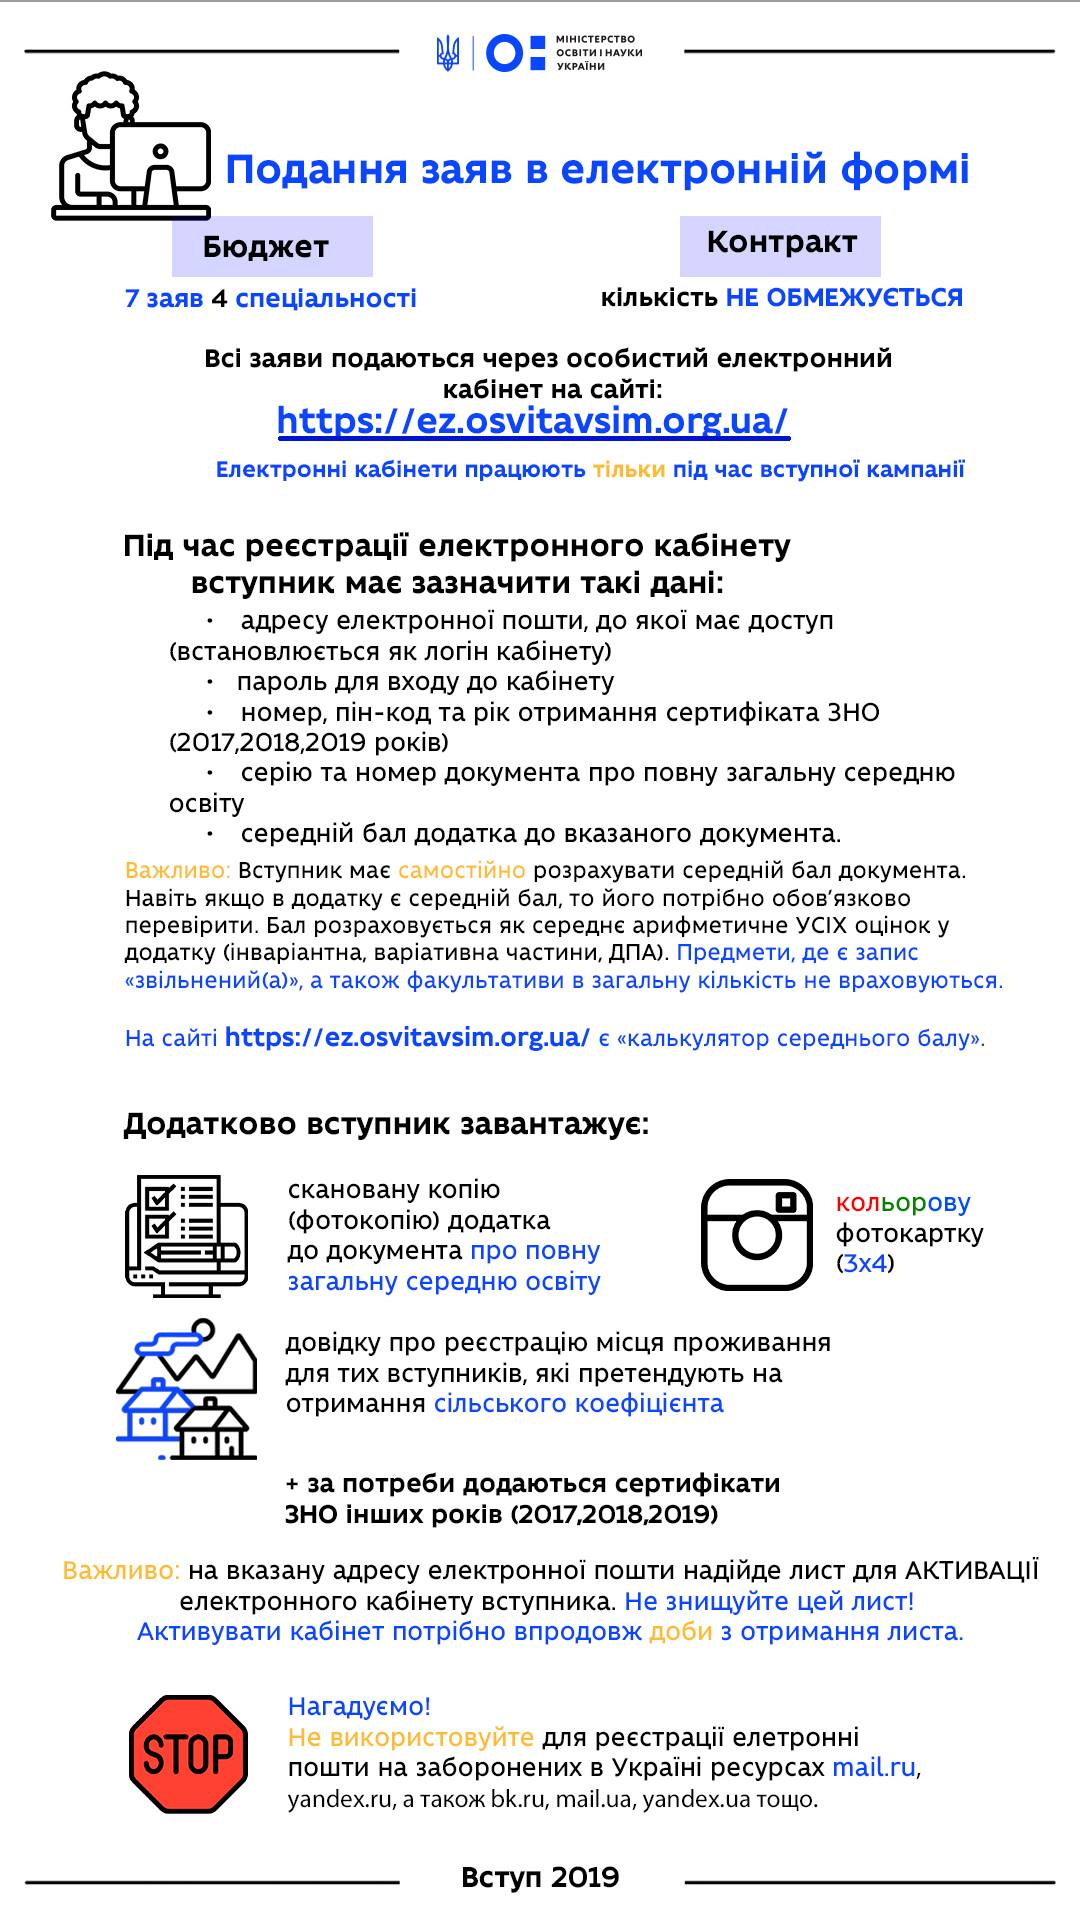 Коротка інформація стосовно електронних заяв